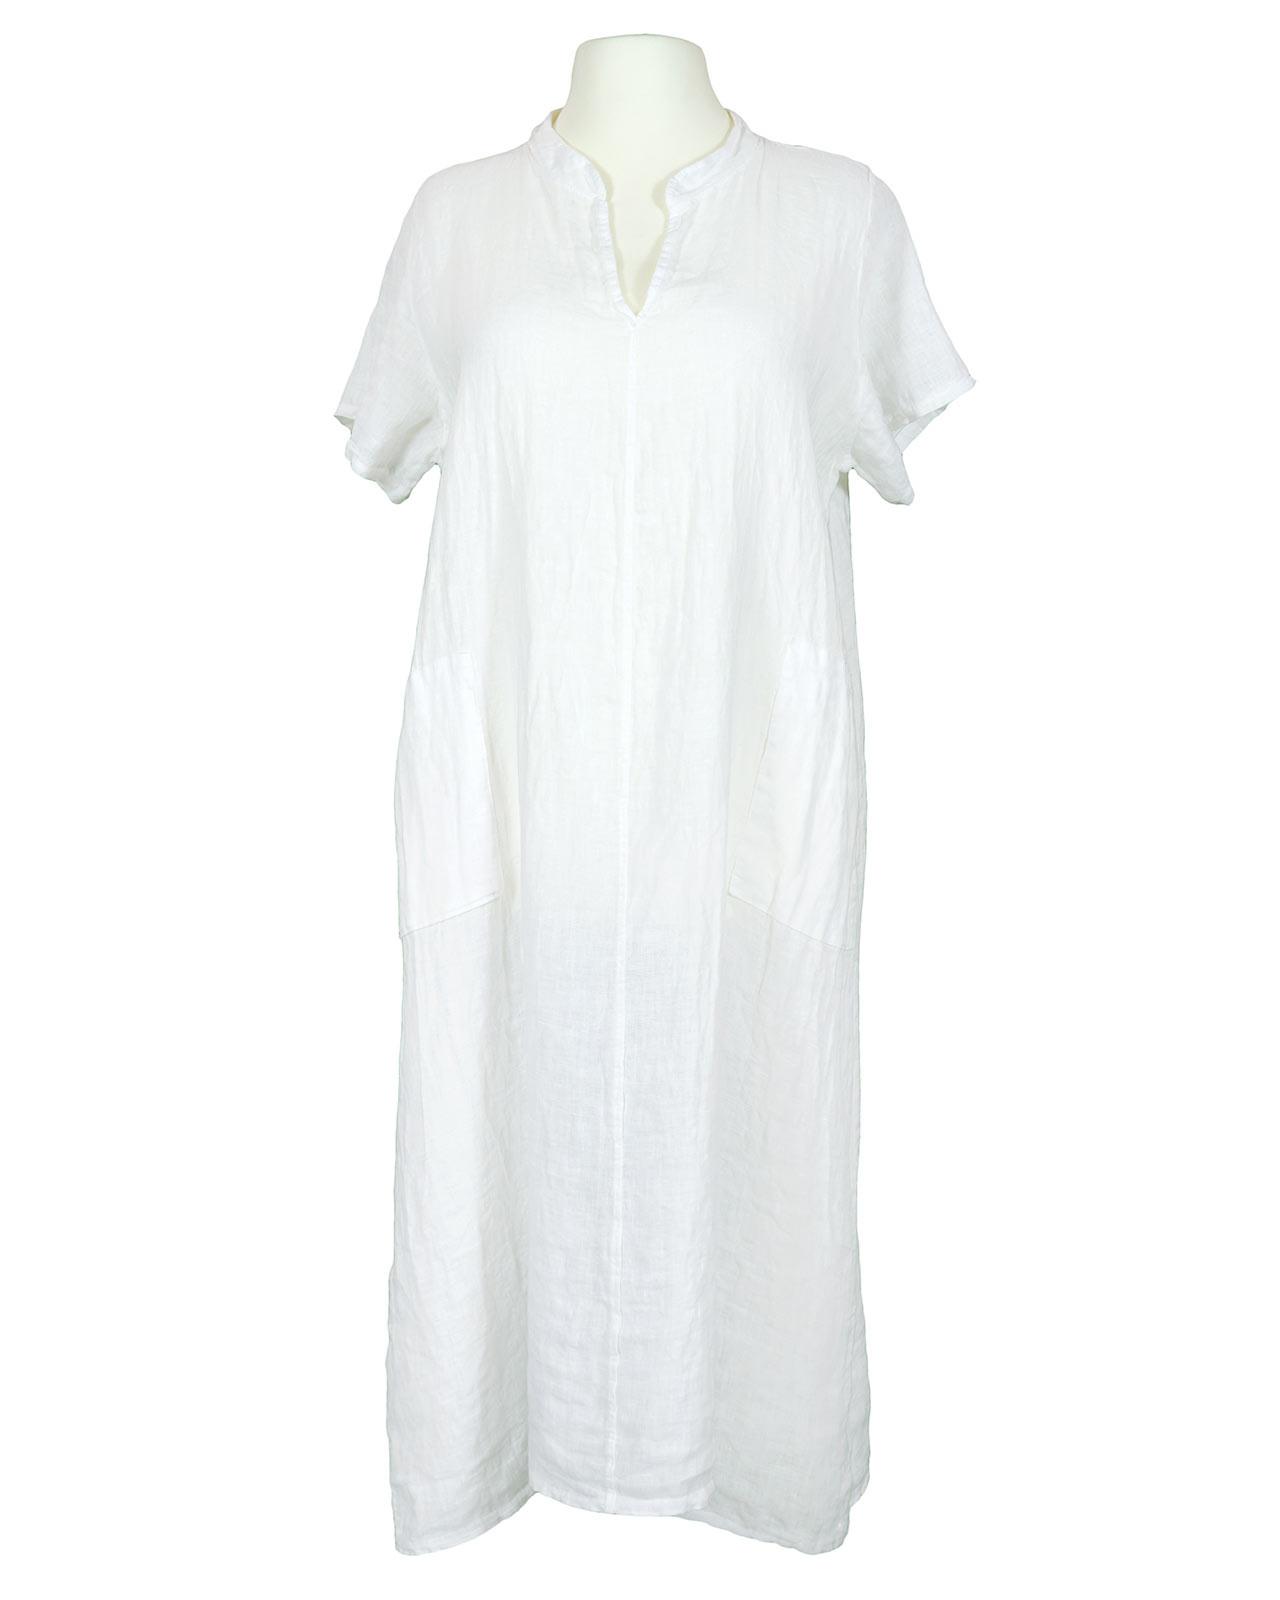 Leinenkleid Stehkragen Weiss Von Made In Italy